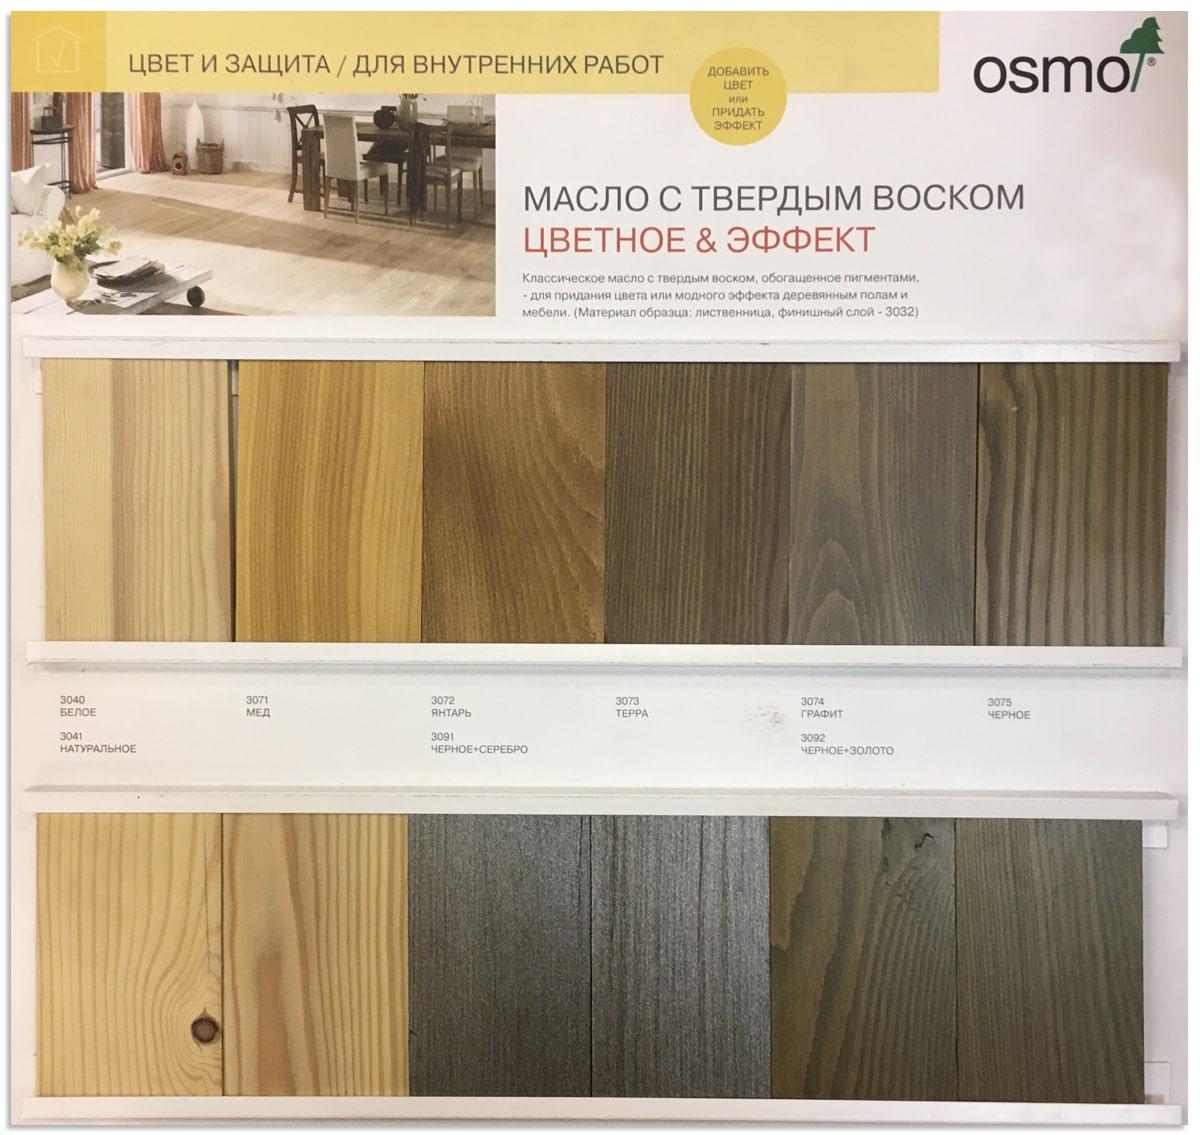 Цветное масло для дерева с твердым воском OSMO Hartwachs-Öl Farbig Выкрас на сосне